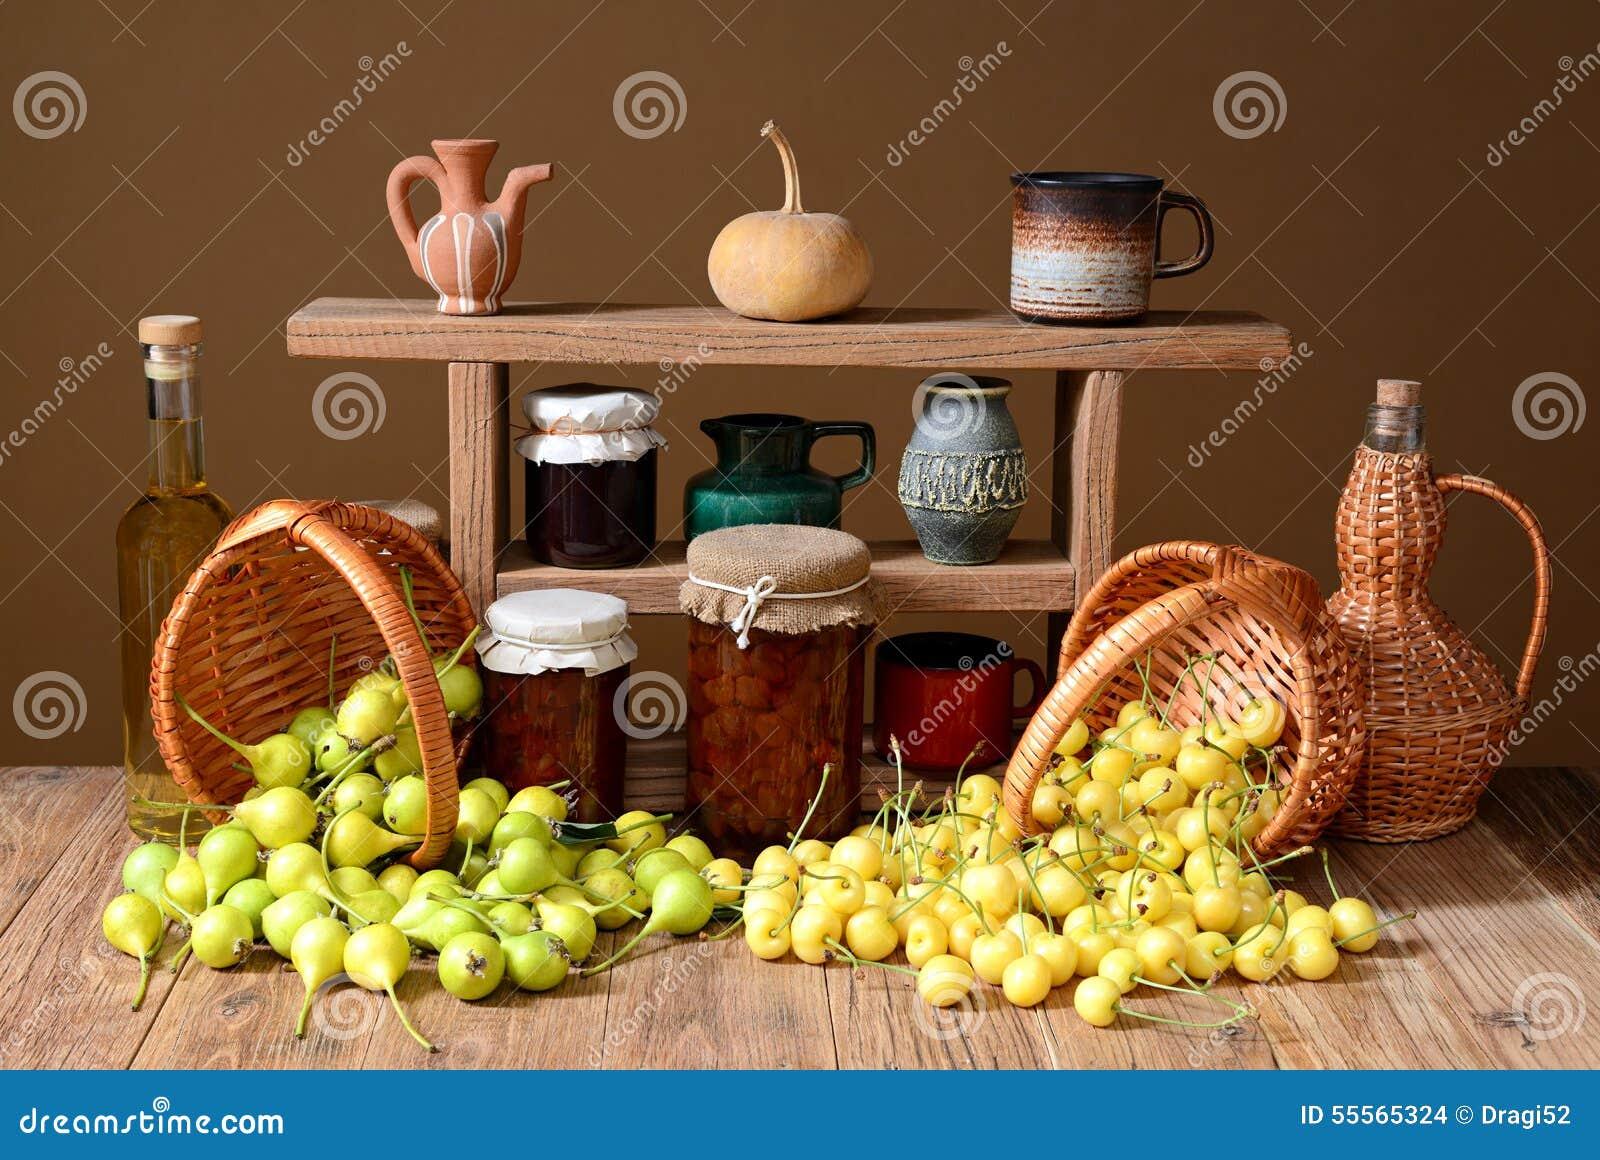 Φρέσκα αχλάδια, κεράσια στο ψάθινο καλάθι